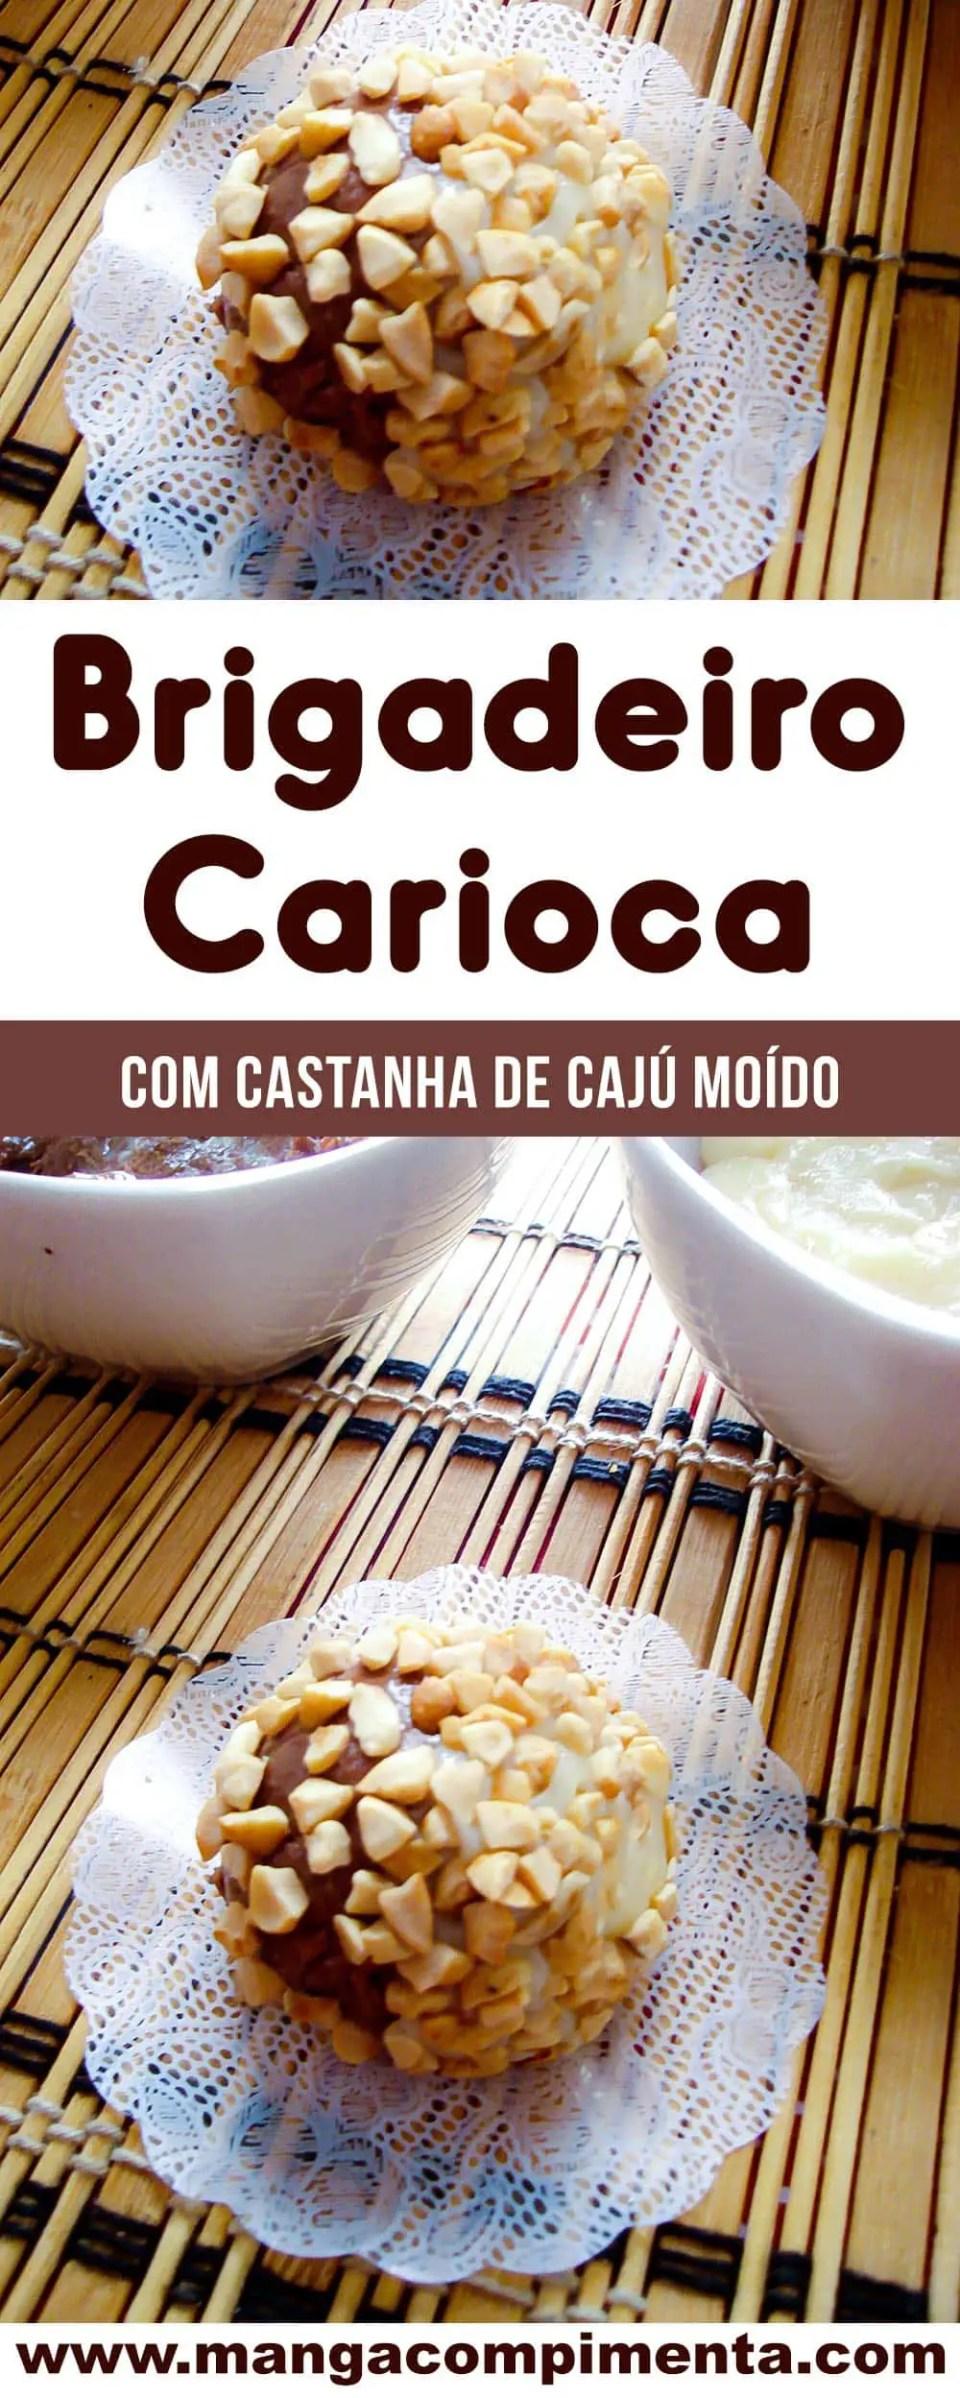 Brigadeiro Carioca com Castanha de Caju Moído - um doce bonito para servir ou presentear!